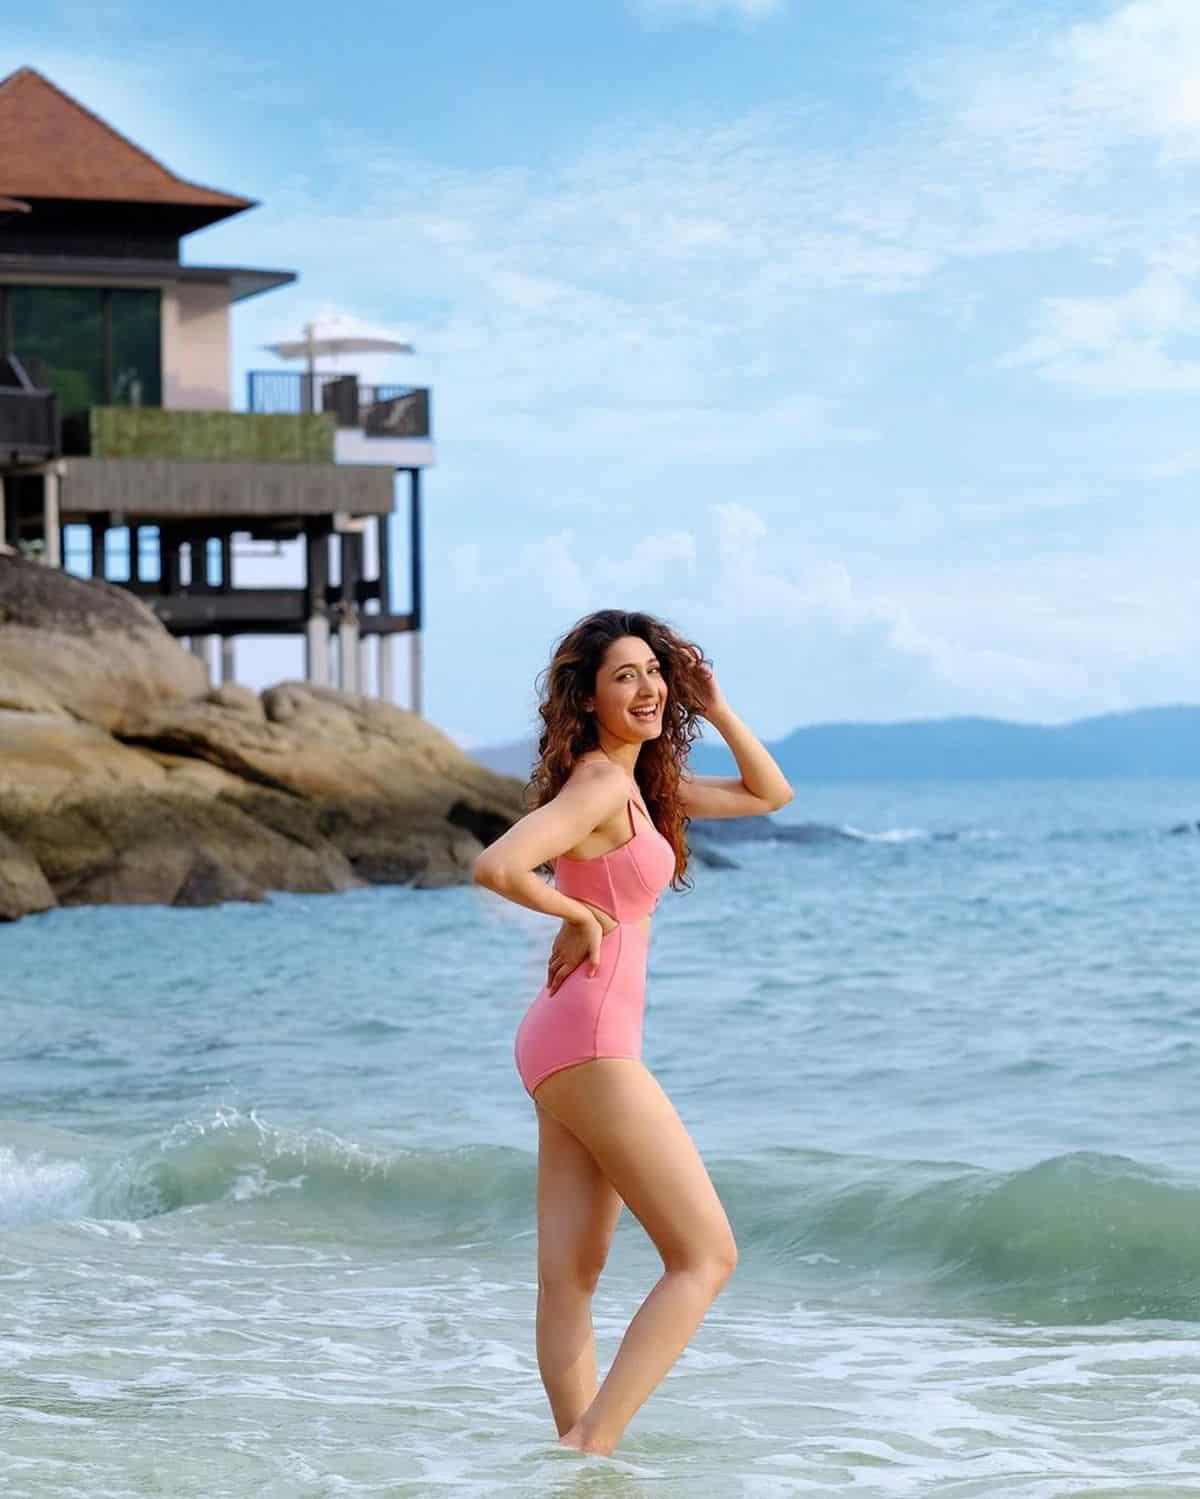 Pragya Jaiswal Shares Bikini Pics